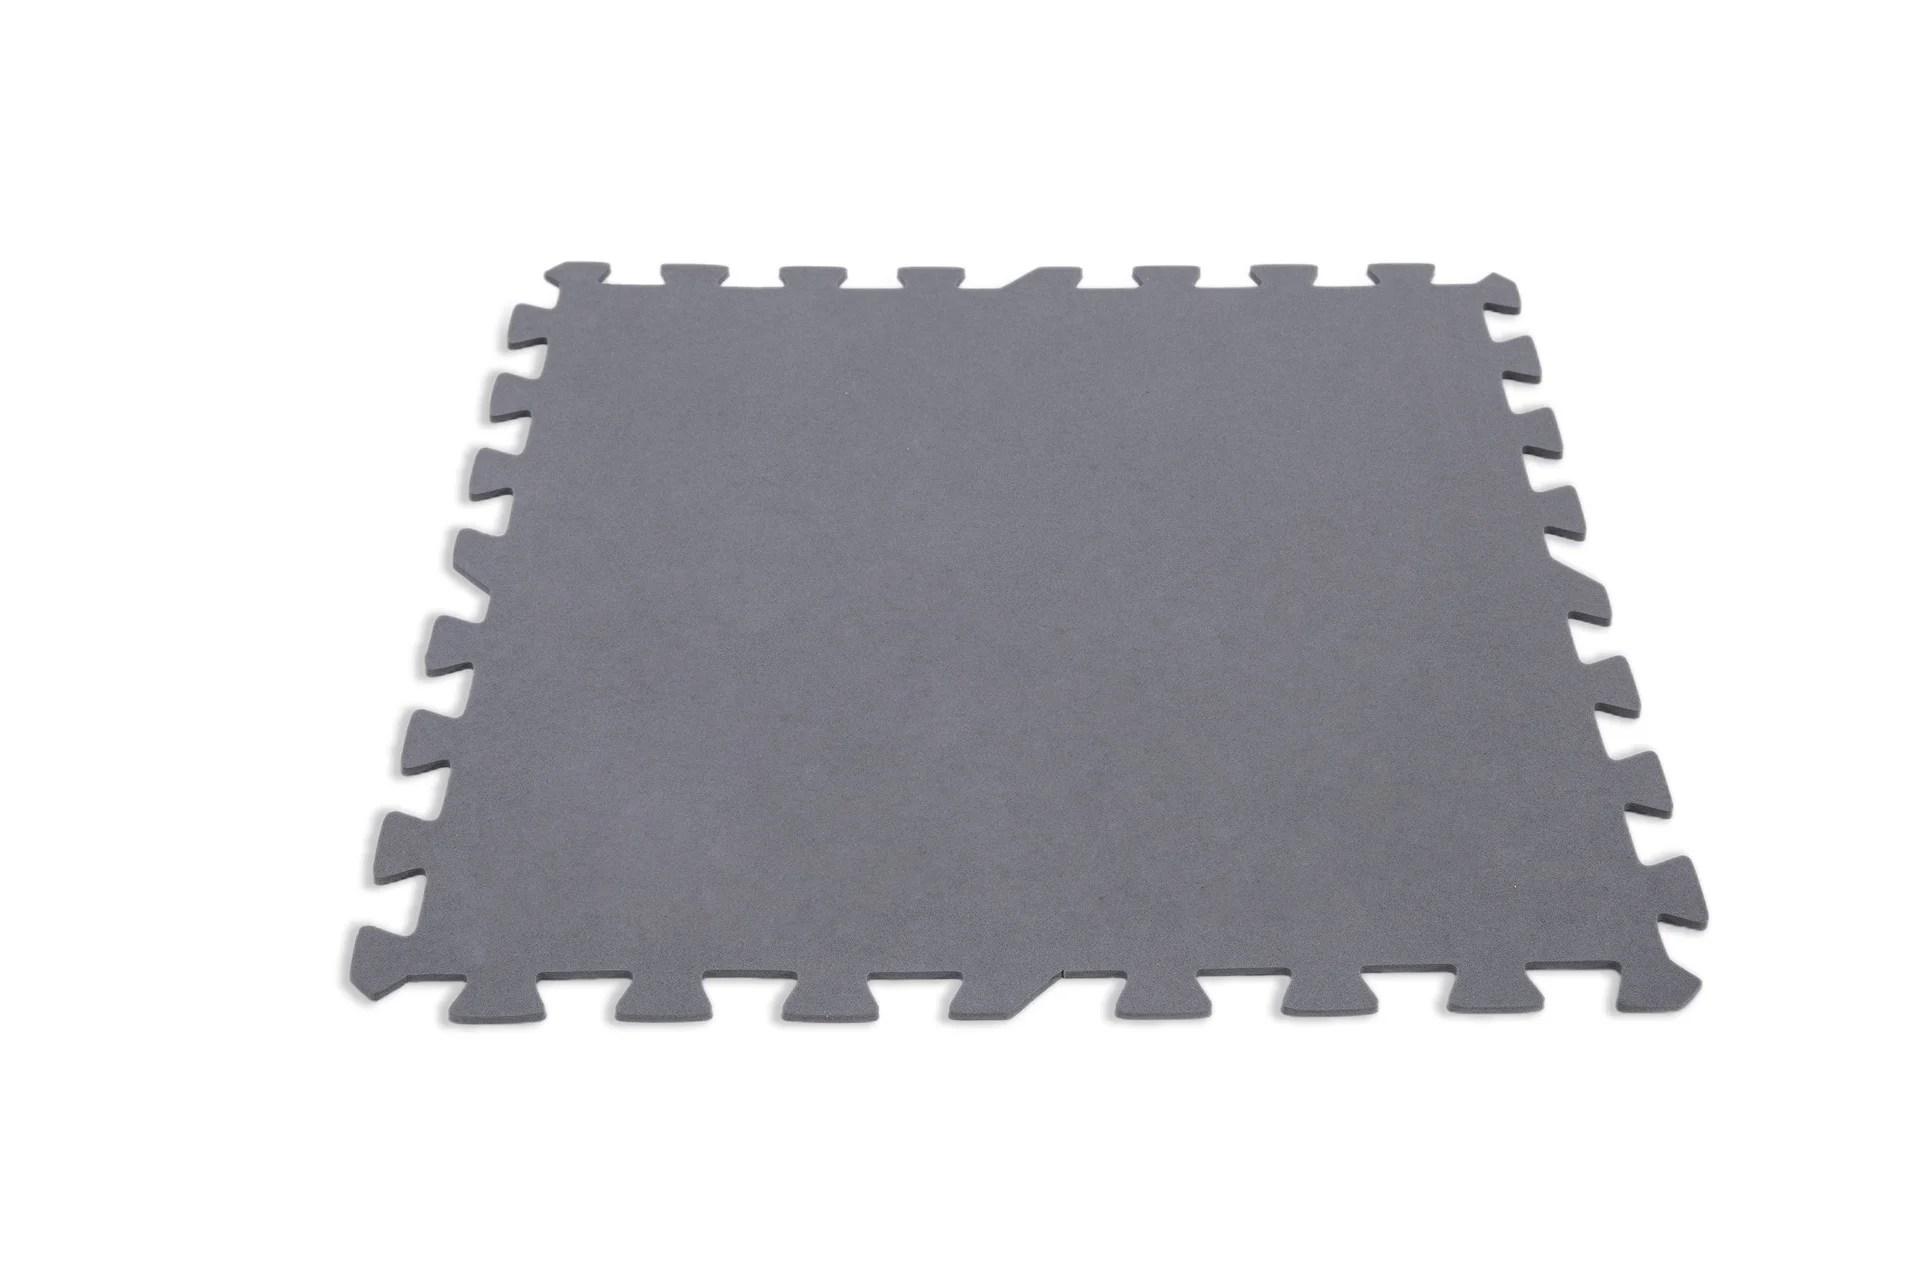 tapis de sol uni intex carre l 472 x l 472cm